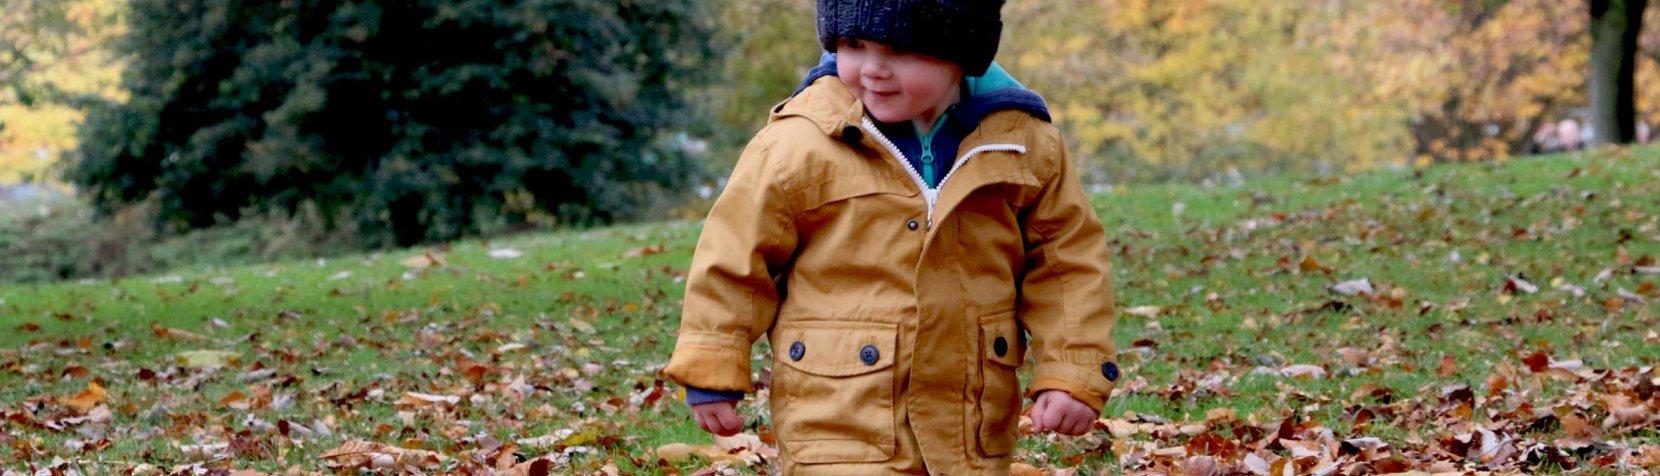 Foto: Barn i efteråret